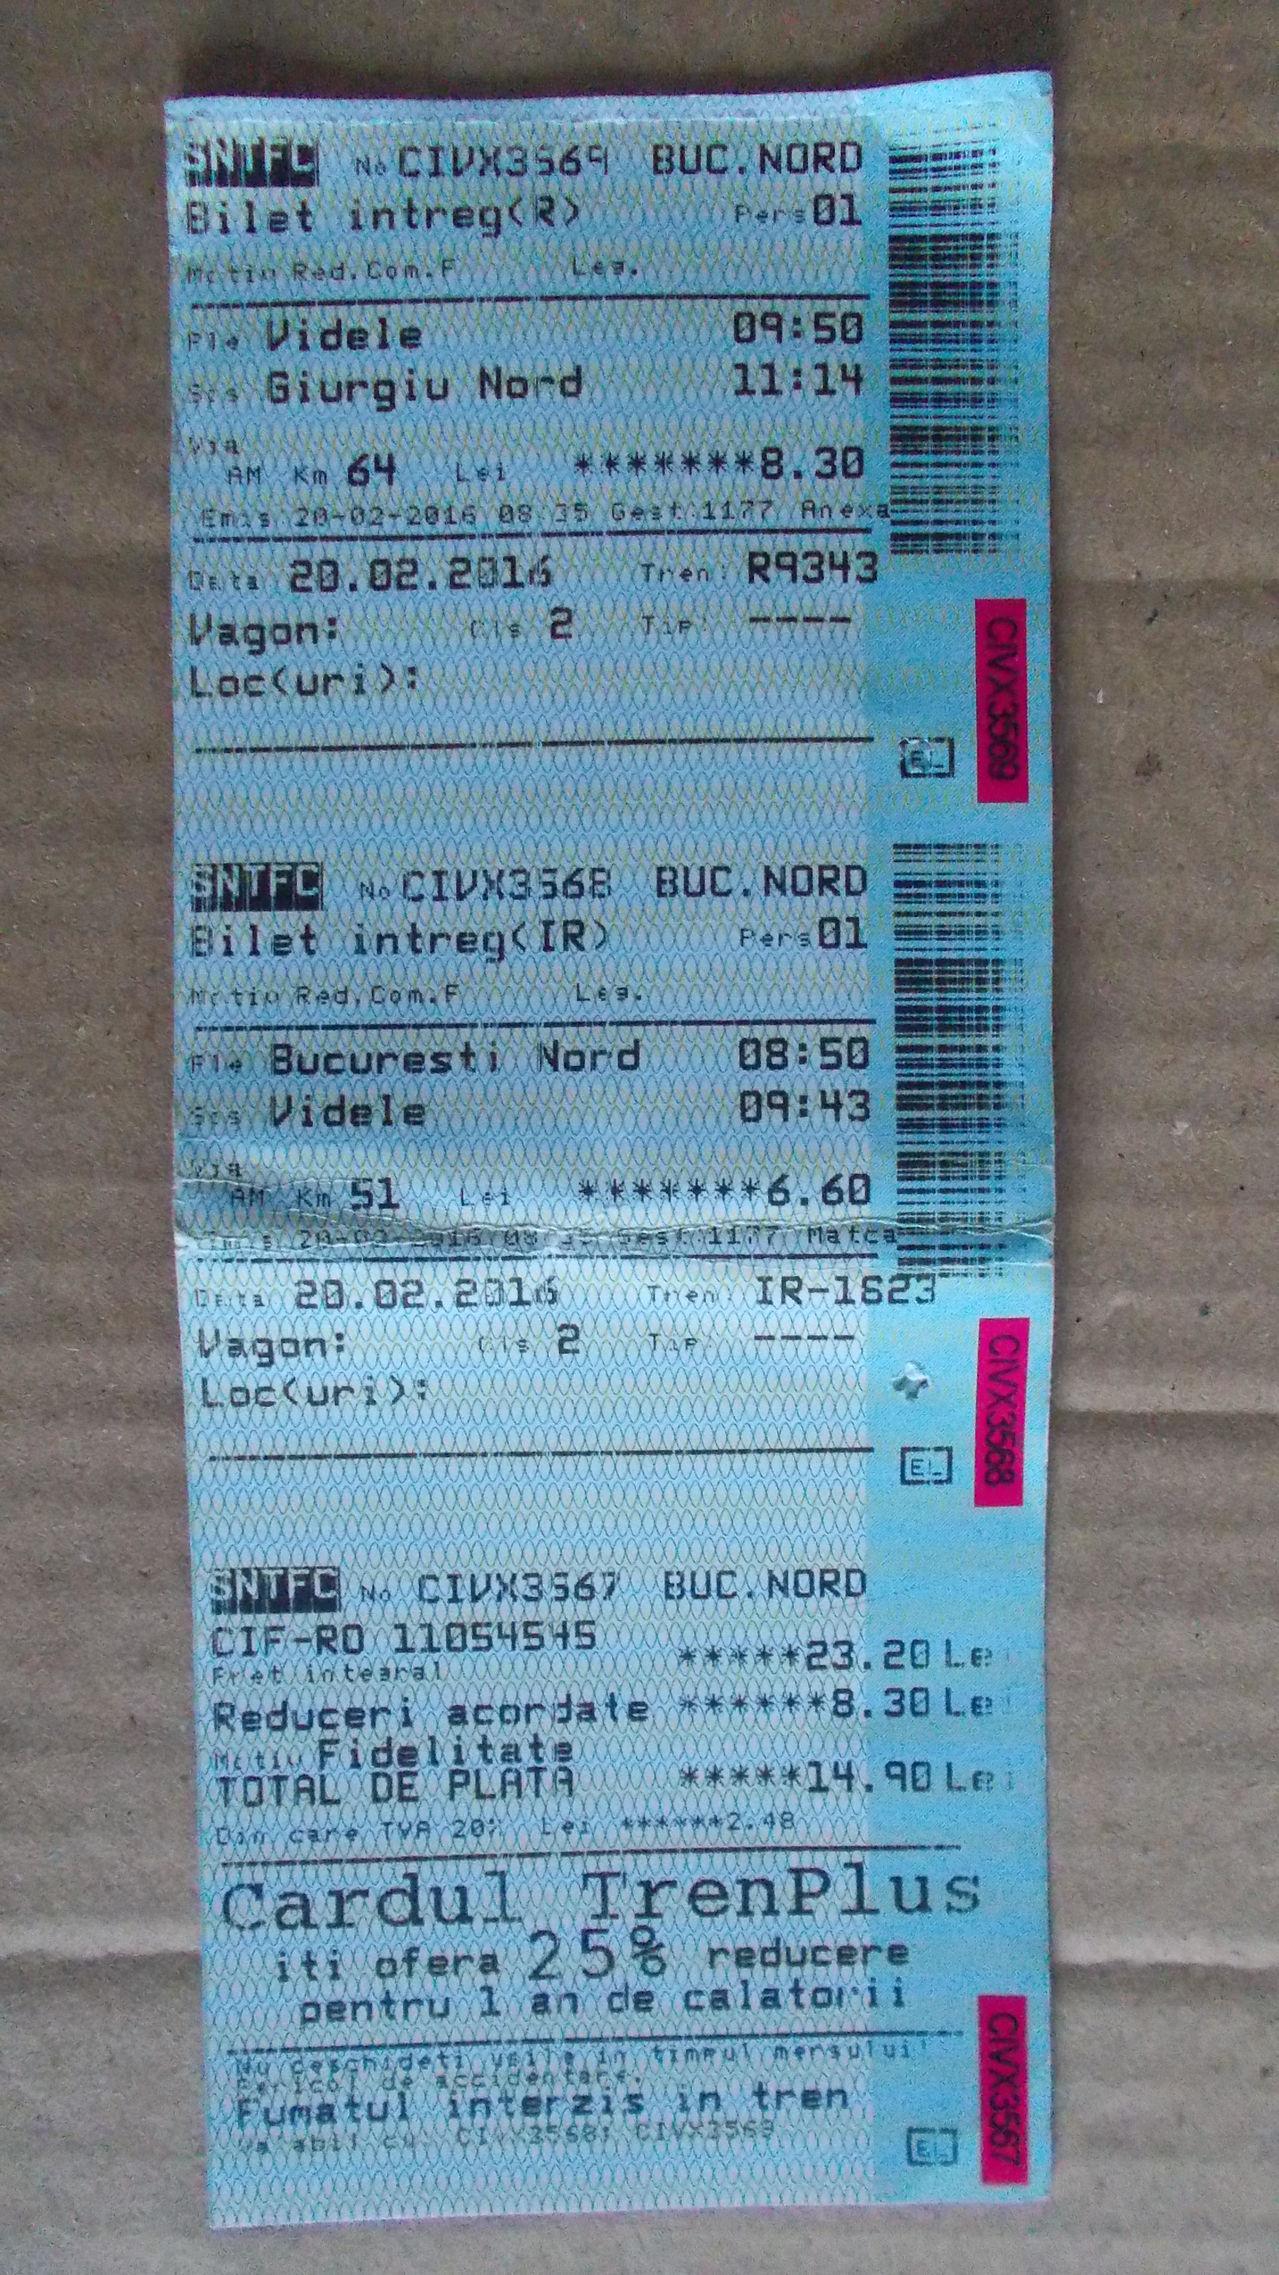 Bilete C.F.R. (2) - Pagina 25 DSCN2351